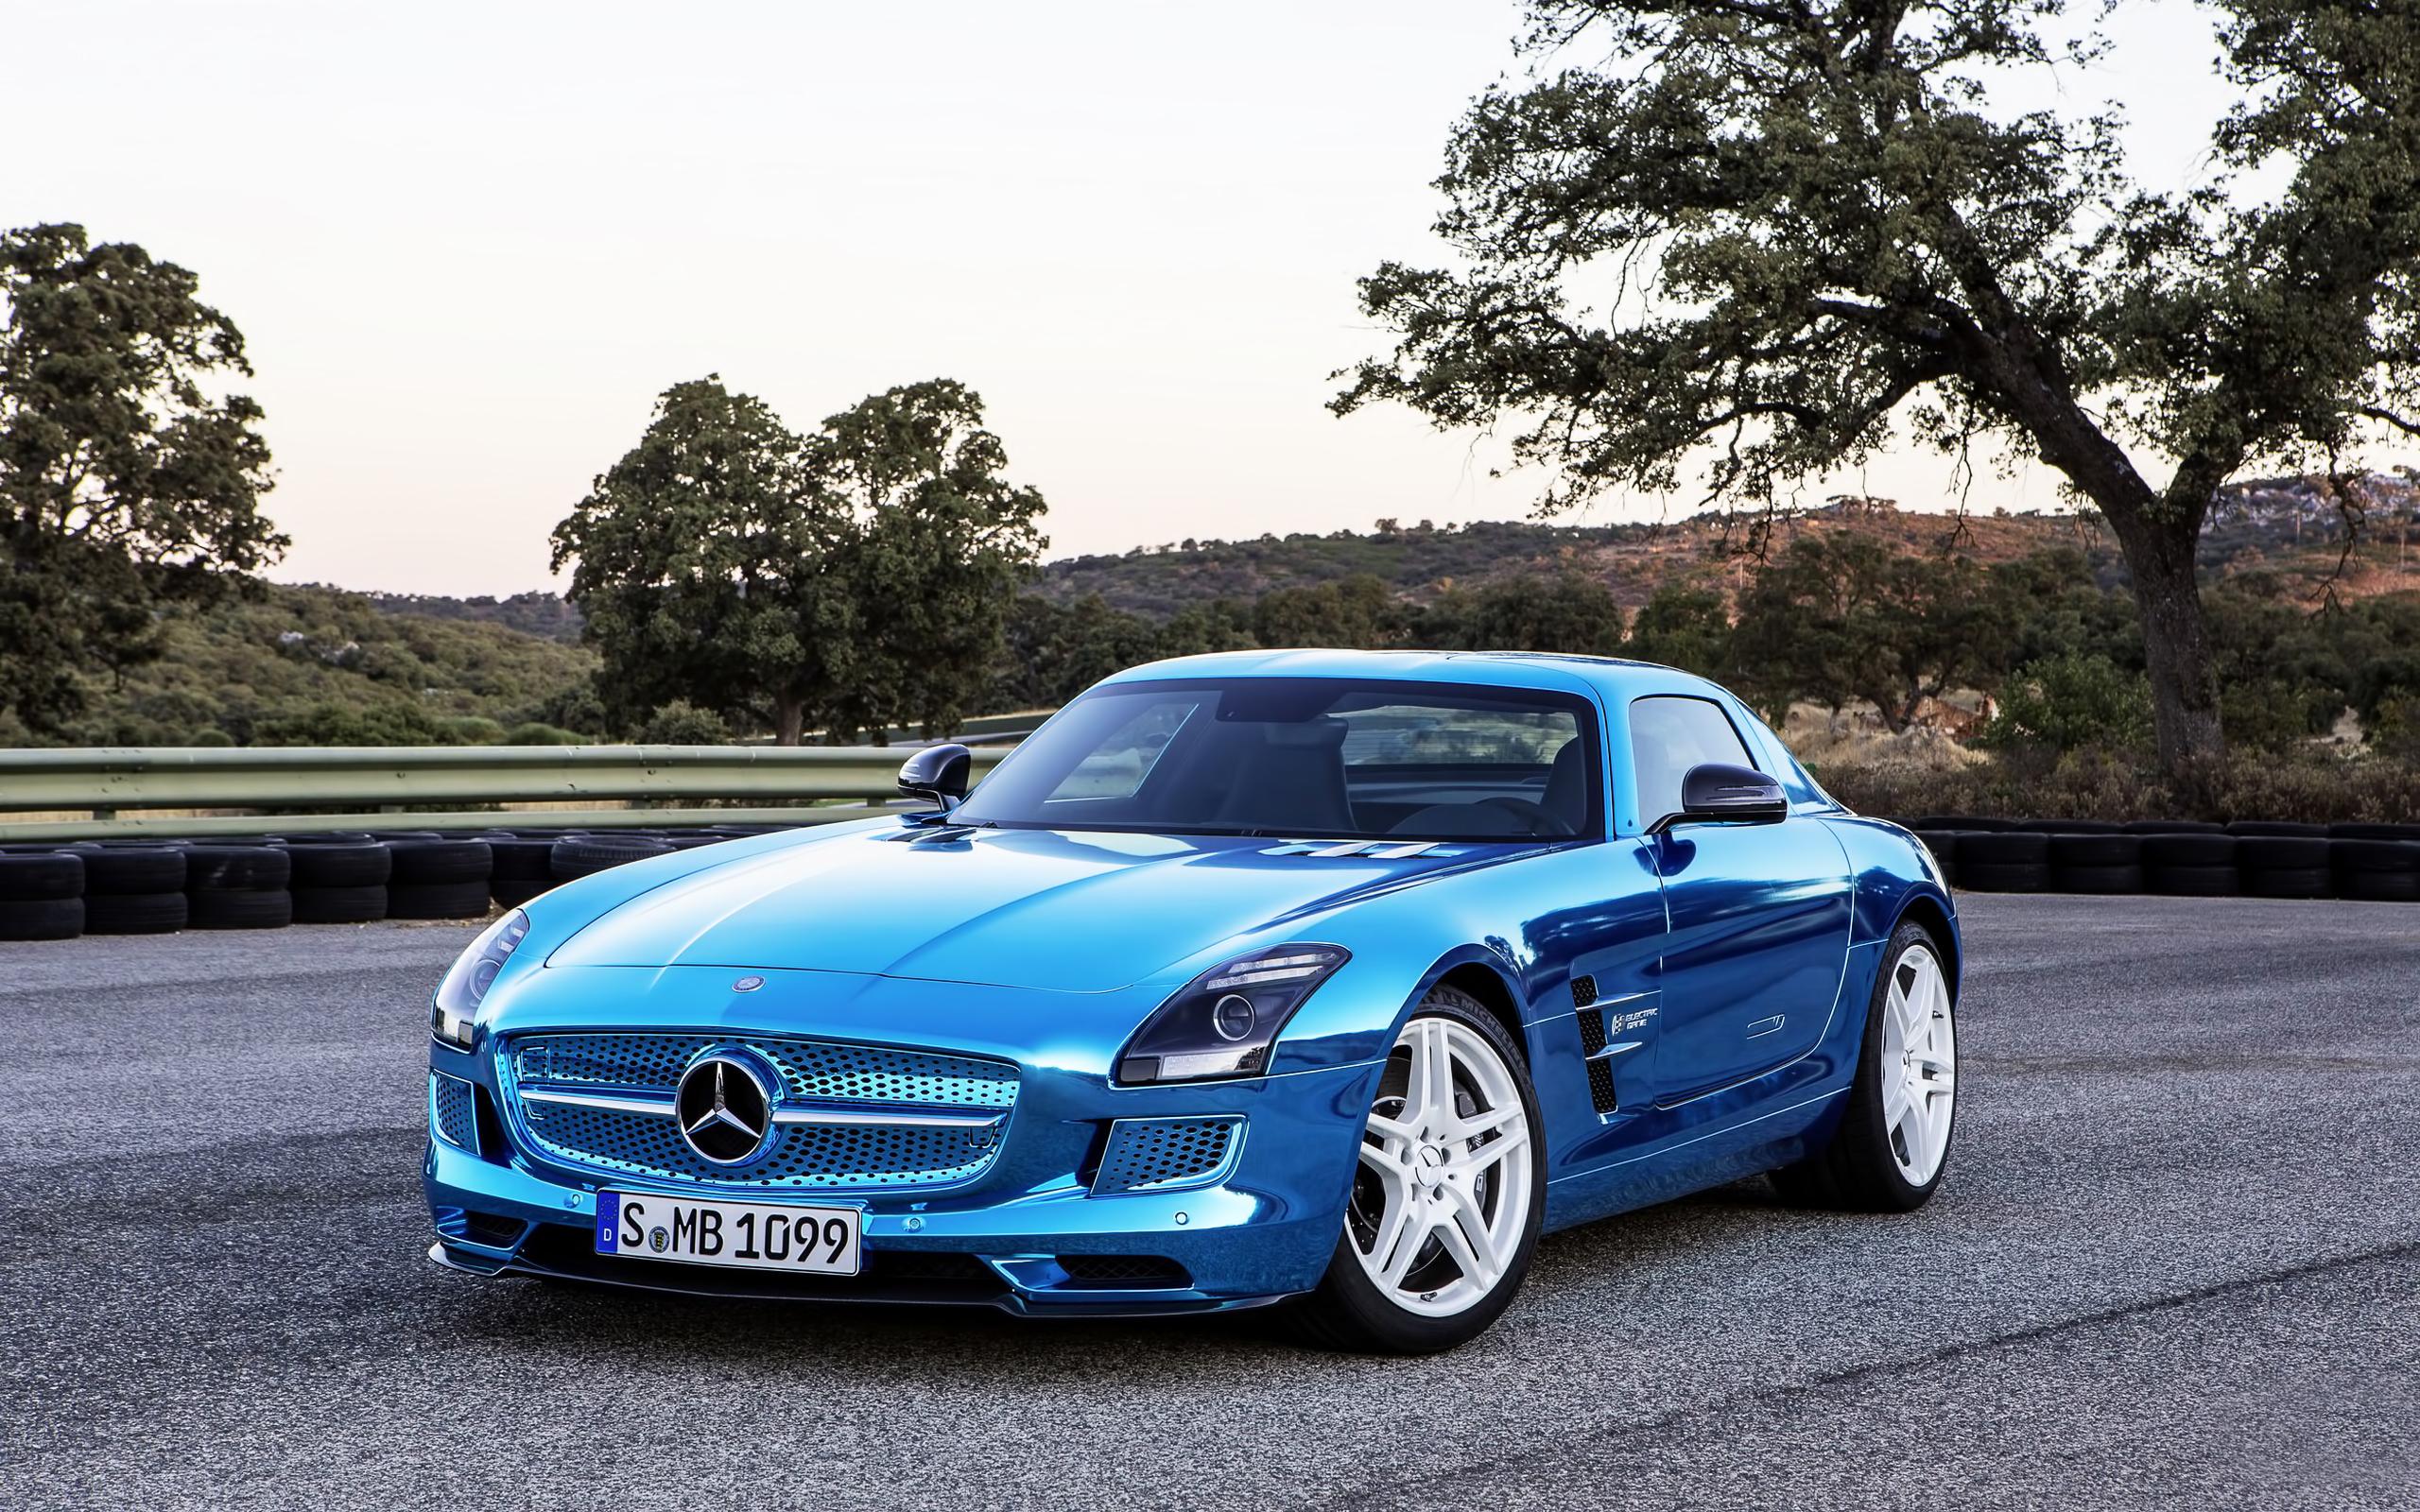 25946 скачать обои Транспорт, Машины, Мерседес (Mercedes) - заставки и картинки бесплатно